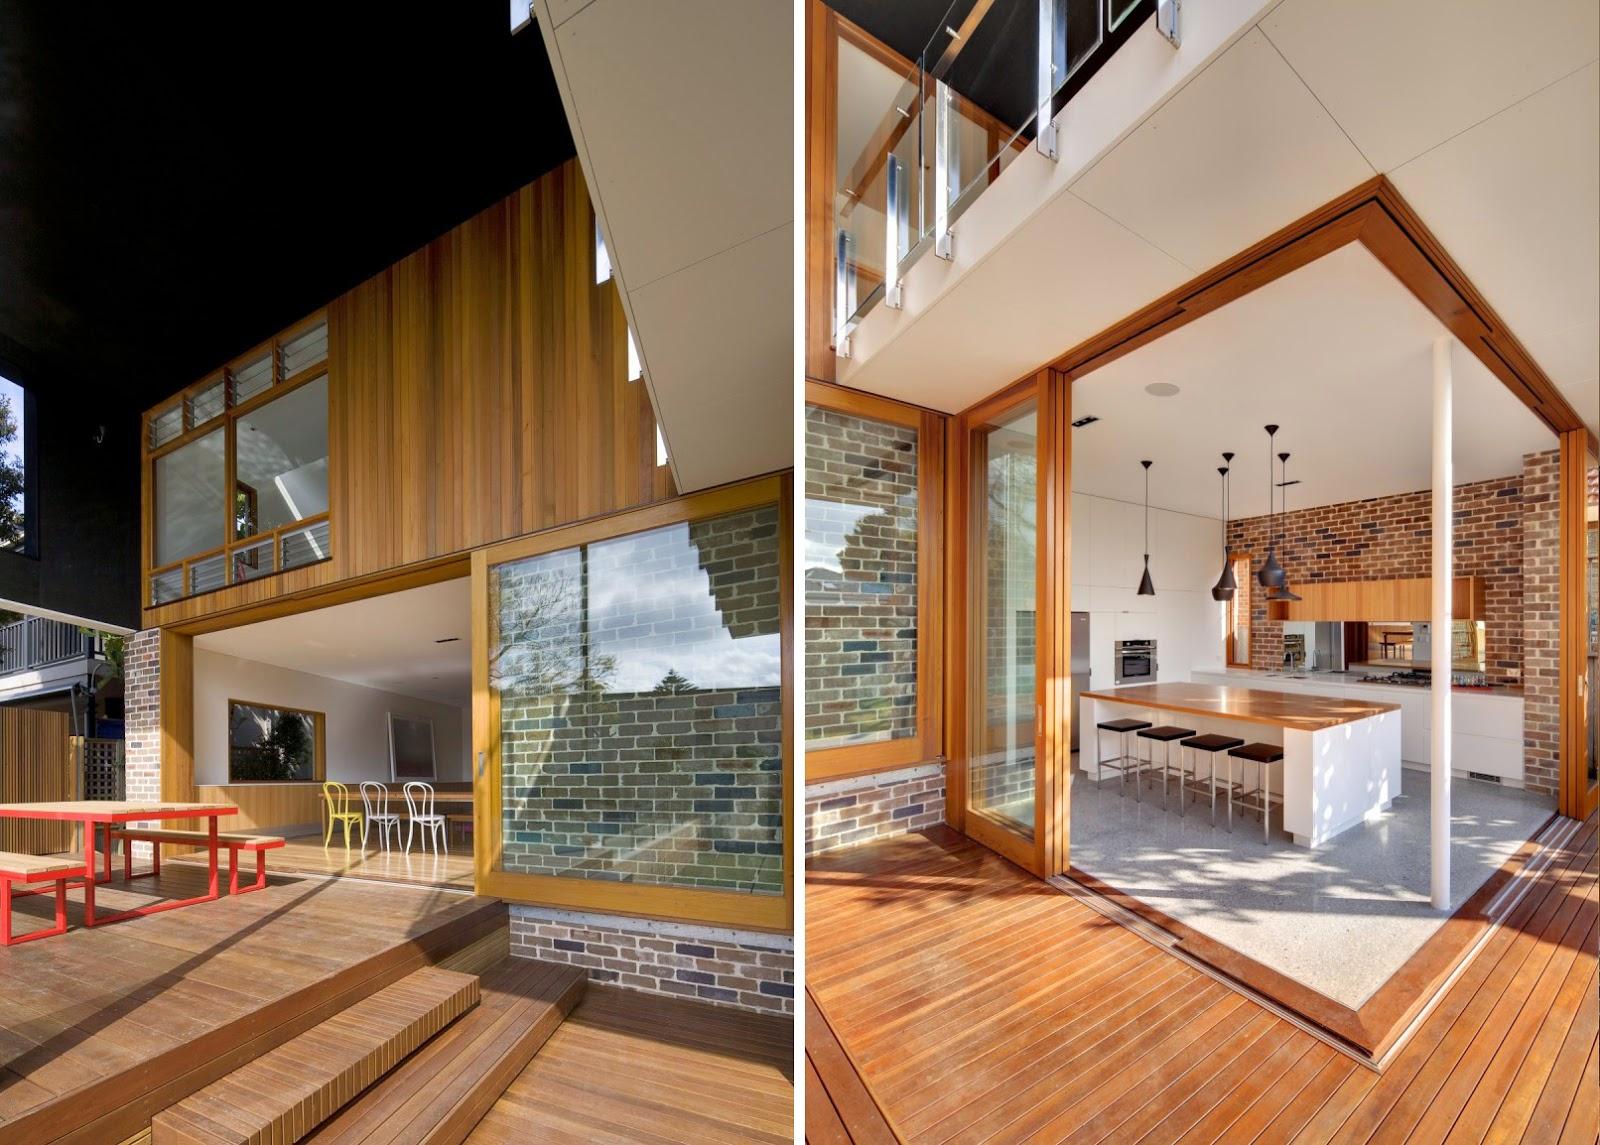 la vivienda localizada en uno de los suburbios cercanos al puerto de castlecrag se abre hacia el interior de la parcela un robusto sistema de puertas